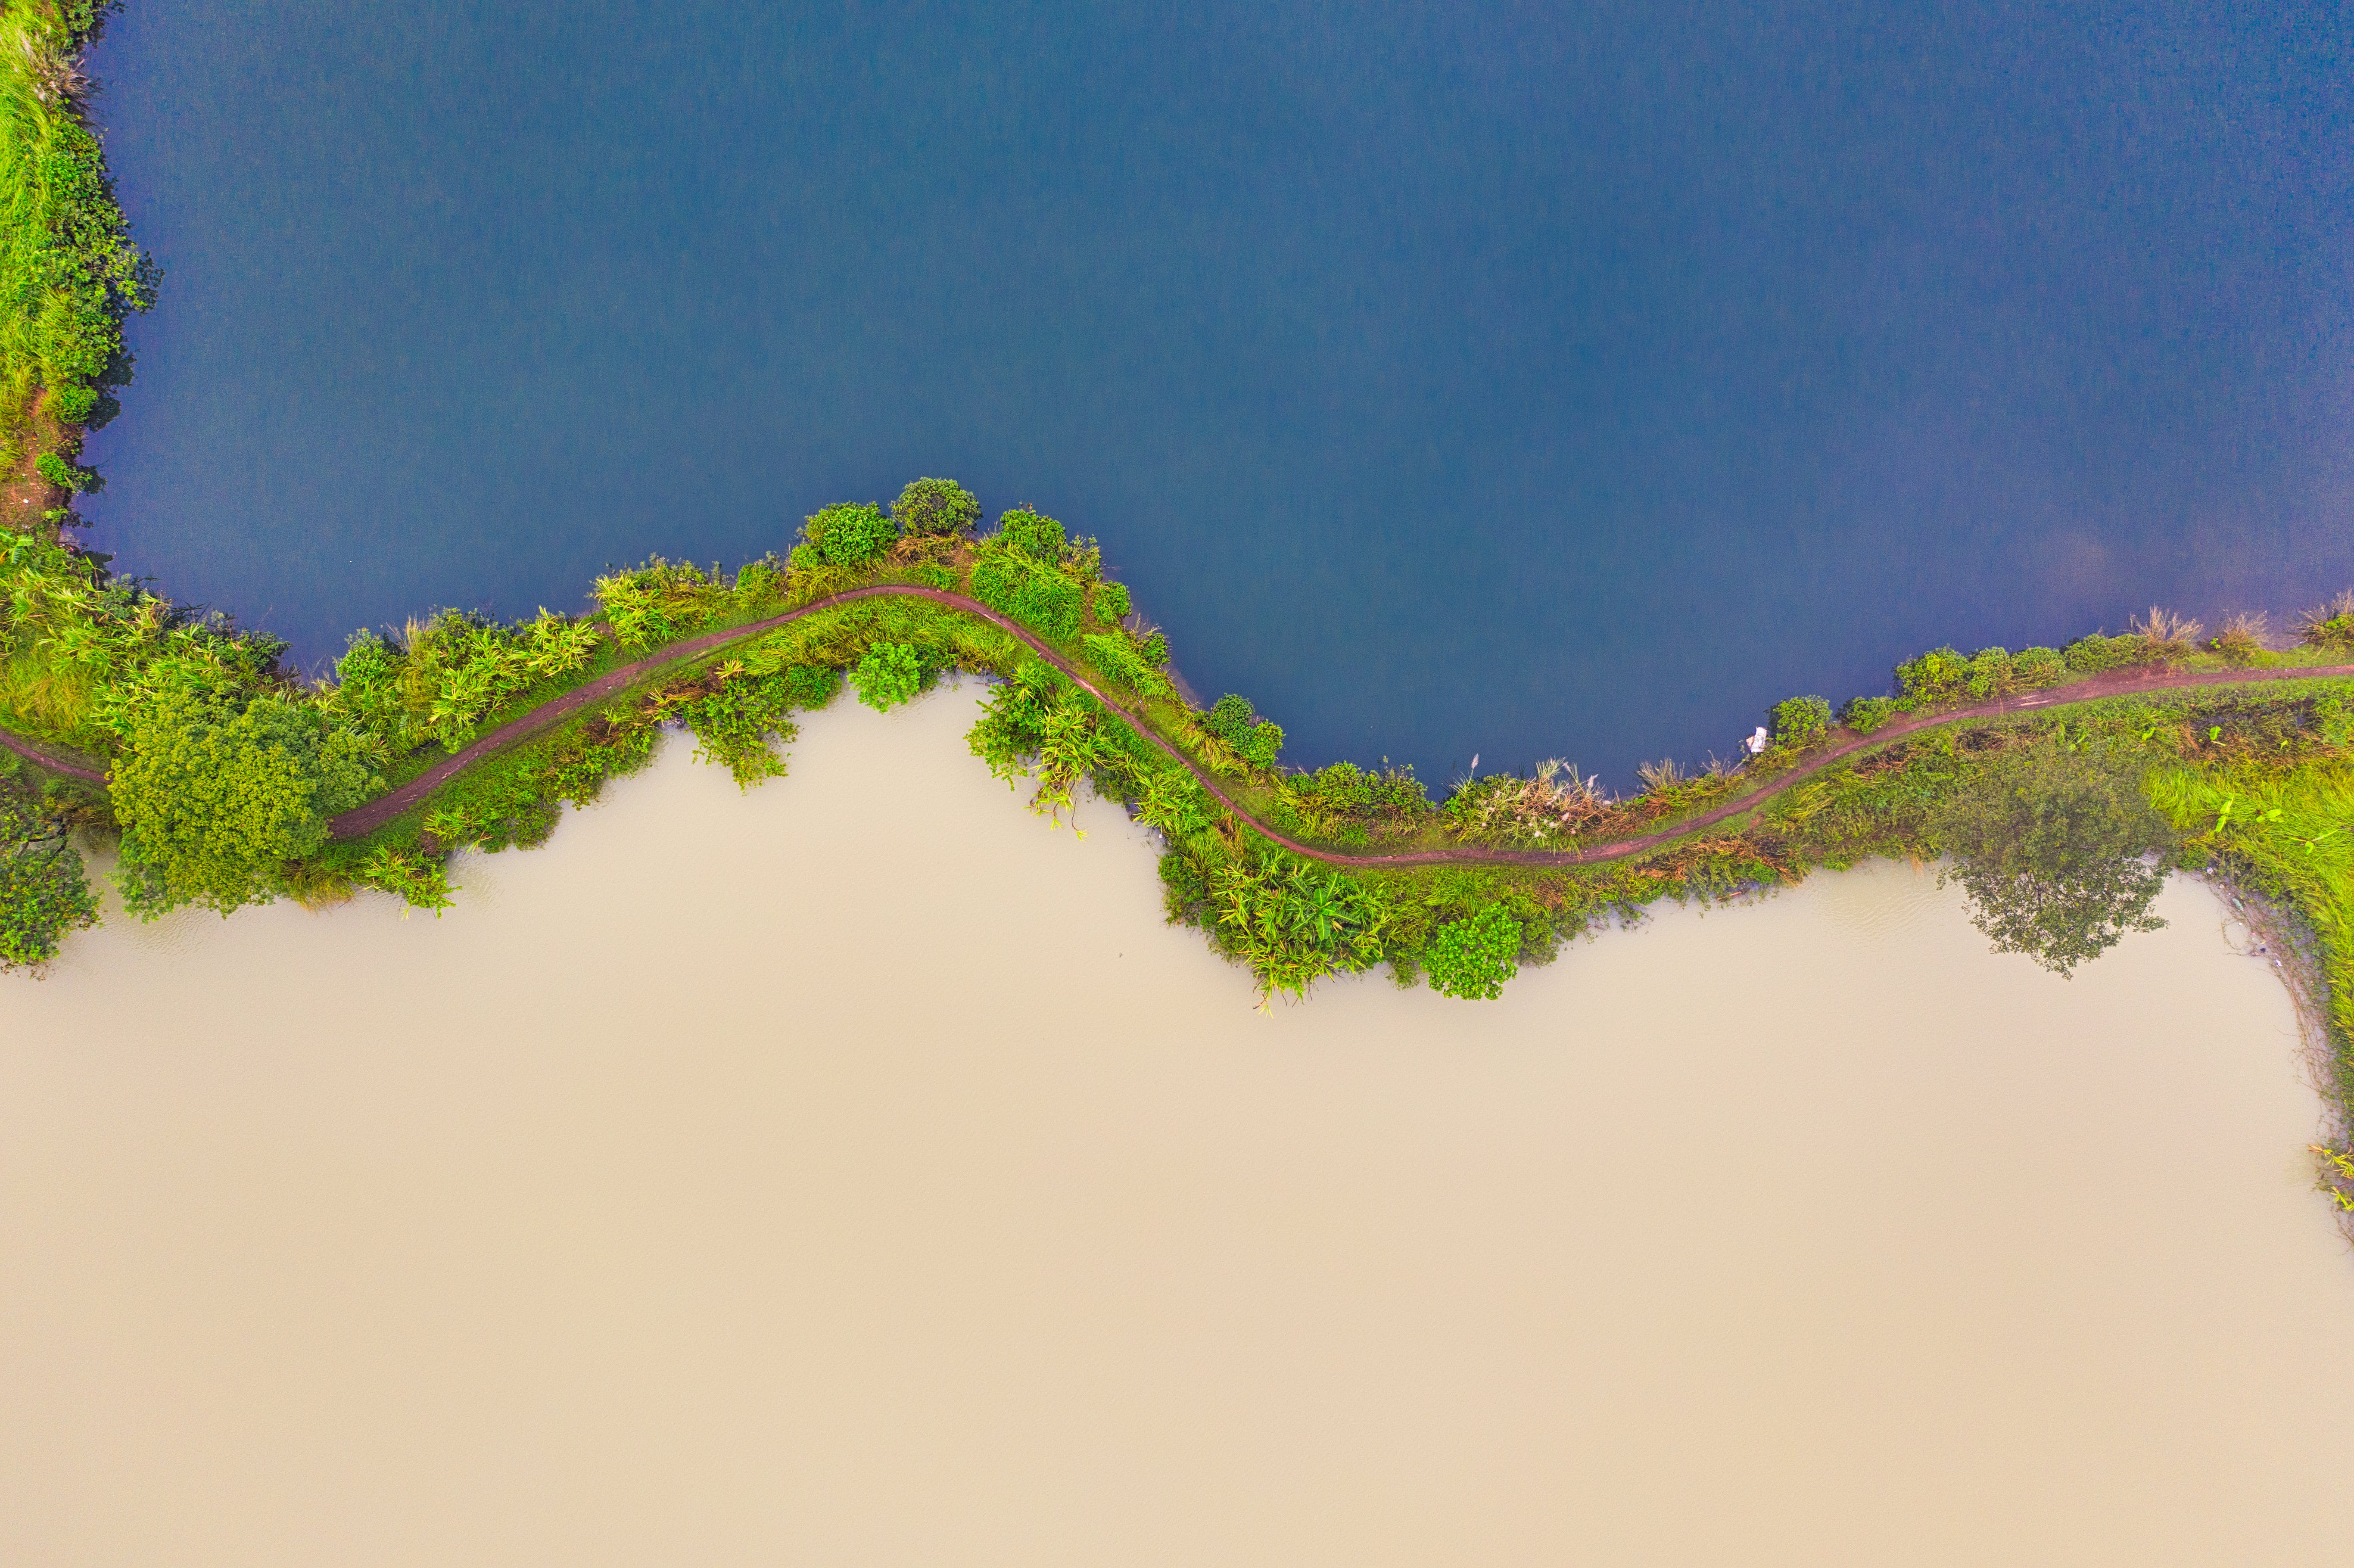 Δωρεάν στοκ φωτογραφιών με άμμος, ανάπτυξη, γεωγραφία, γρασίδι